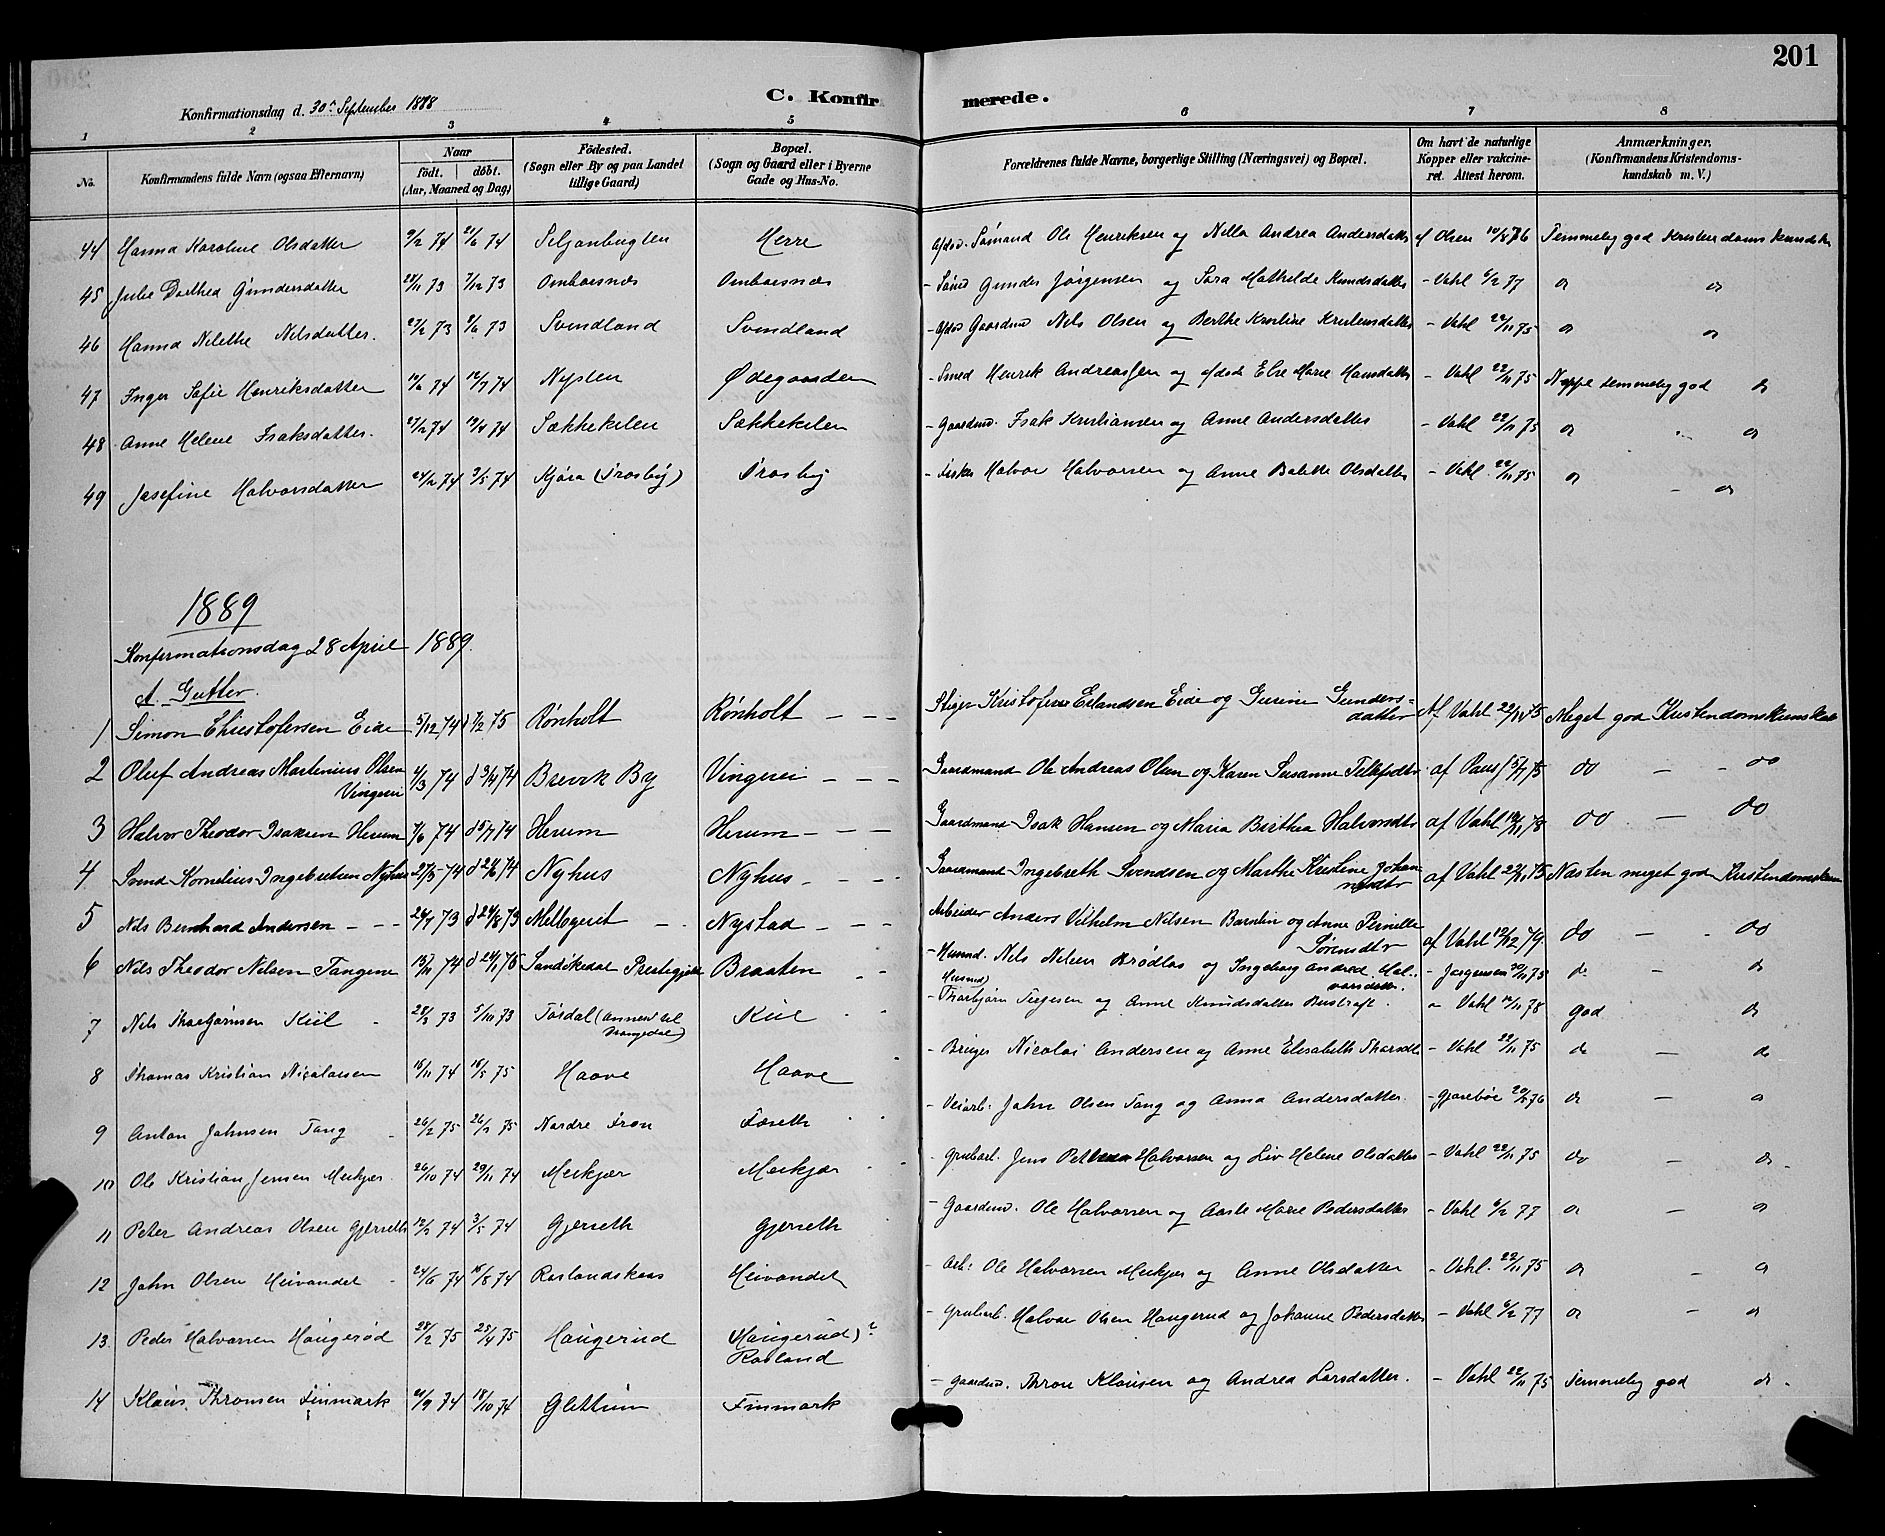 SAKO, Bamble kirkebøker, G/Ga/L0009: Klokkerbok nr. I 9, 1888-1900, s. 201